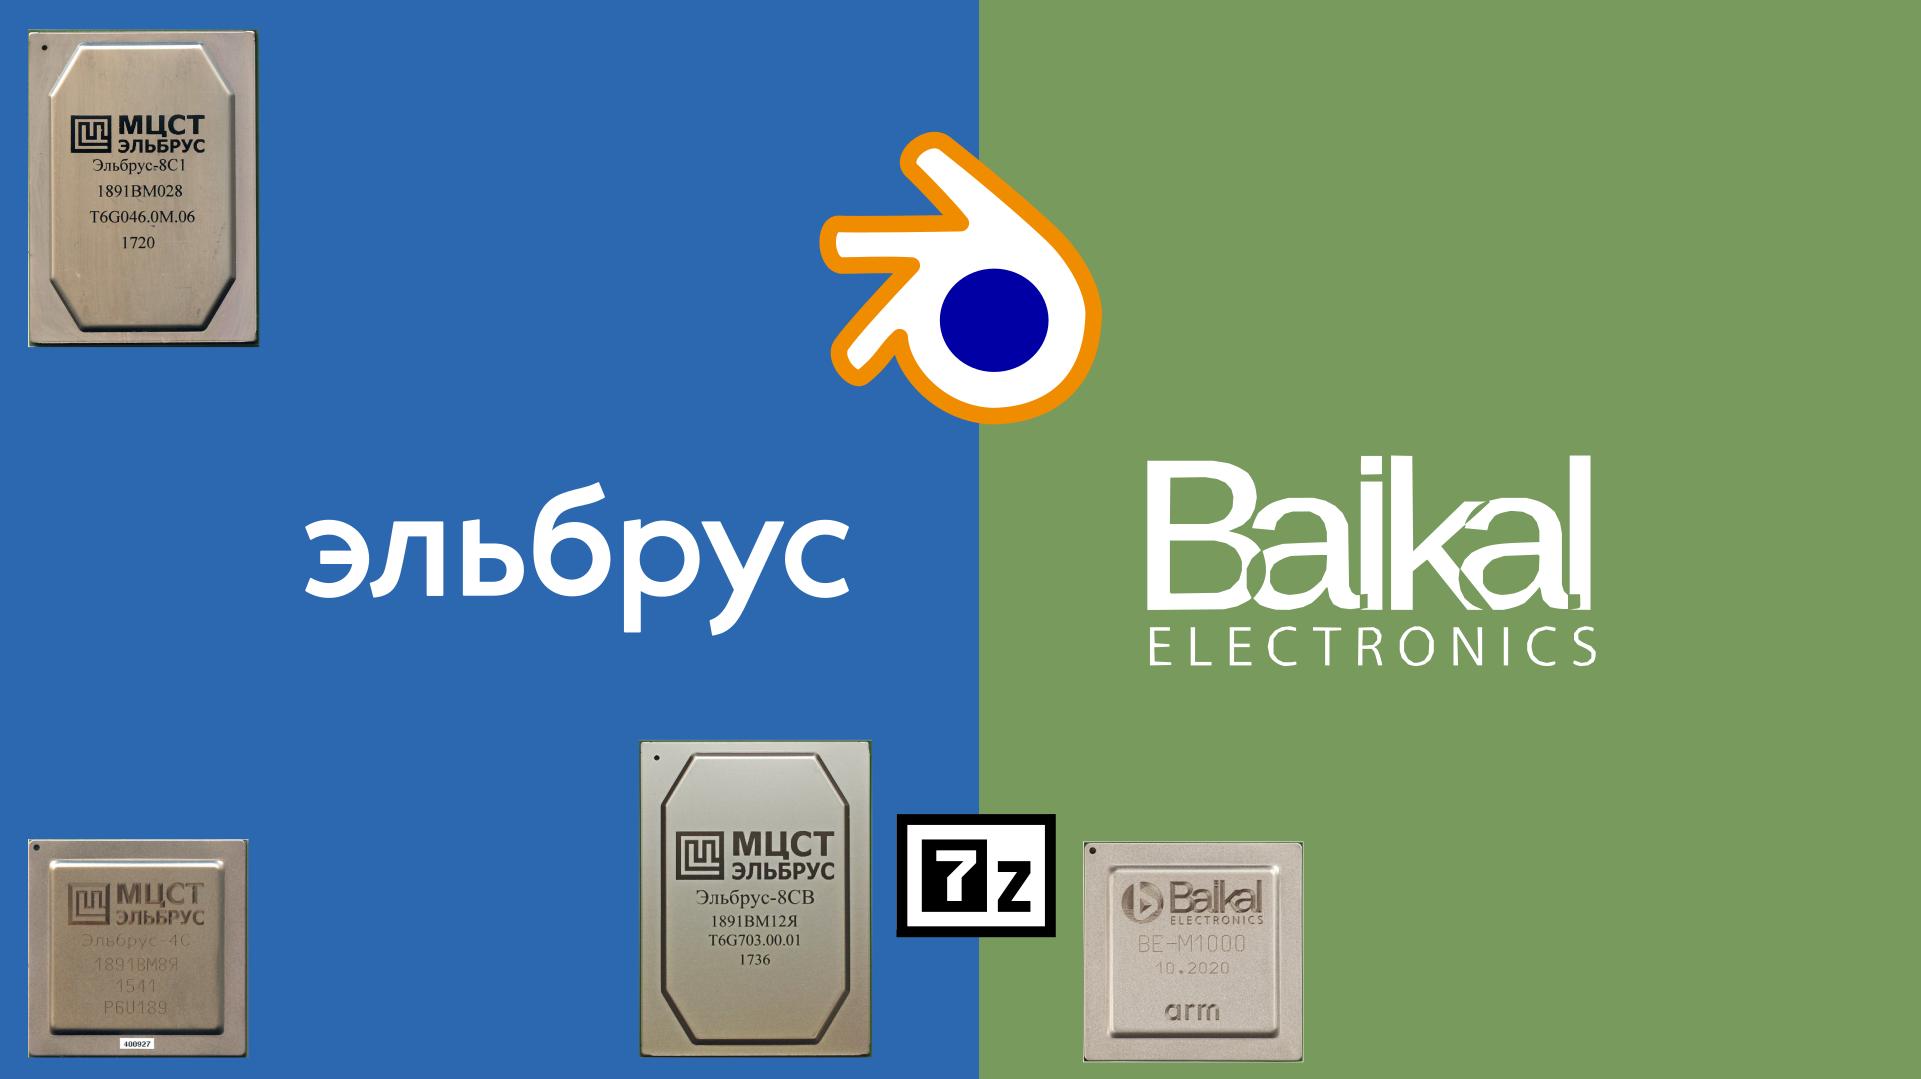 Сравнение процессоров Байкал-М и Эльбрус-8СВ